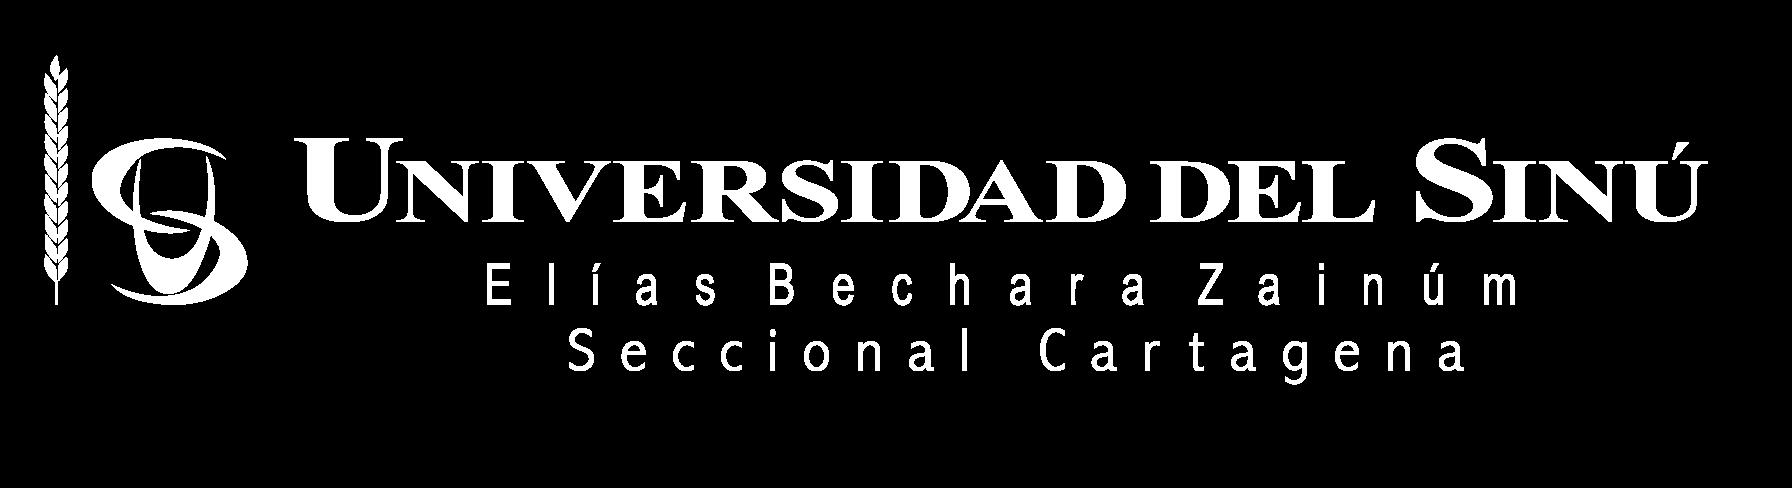 Universidad del Sinú Seccional Cartagena